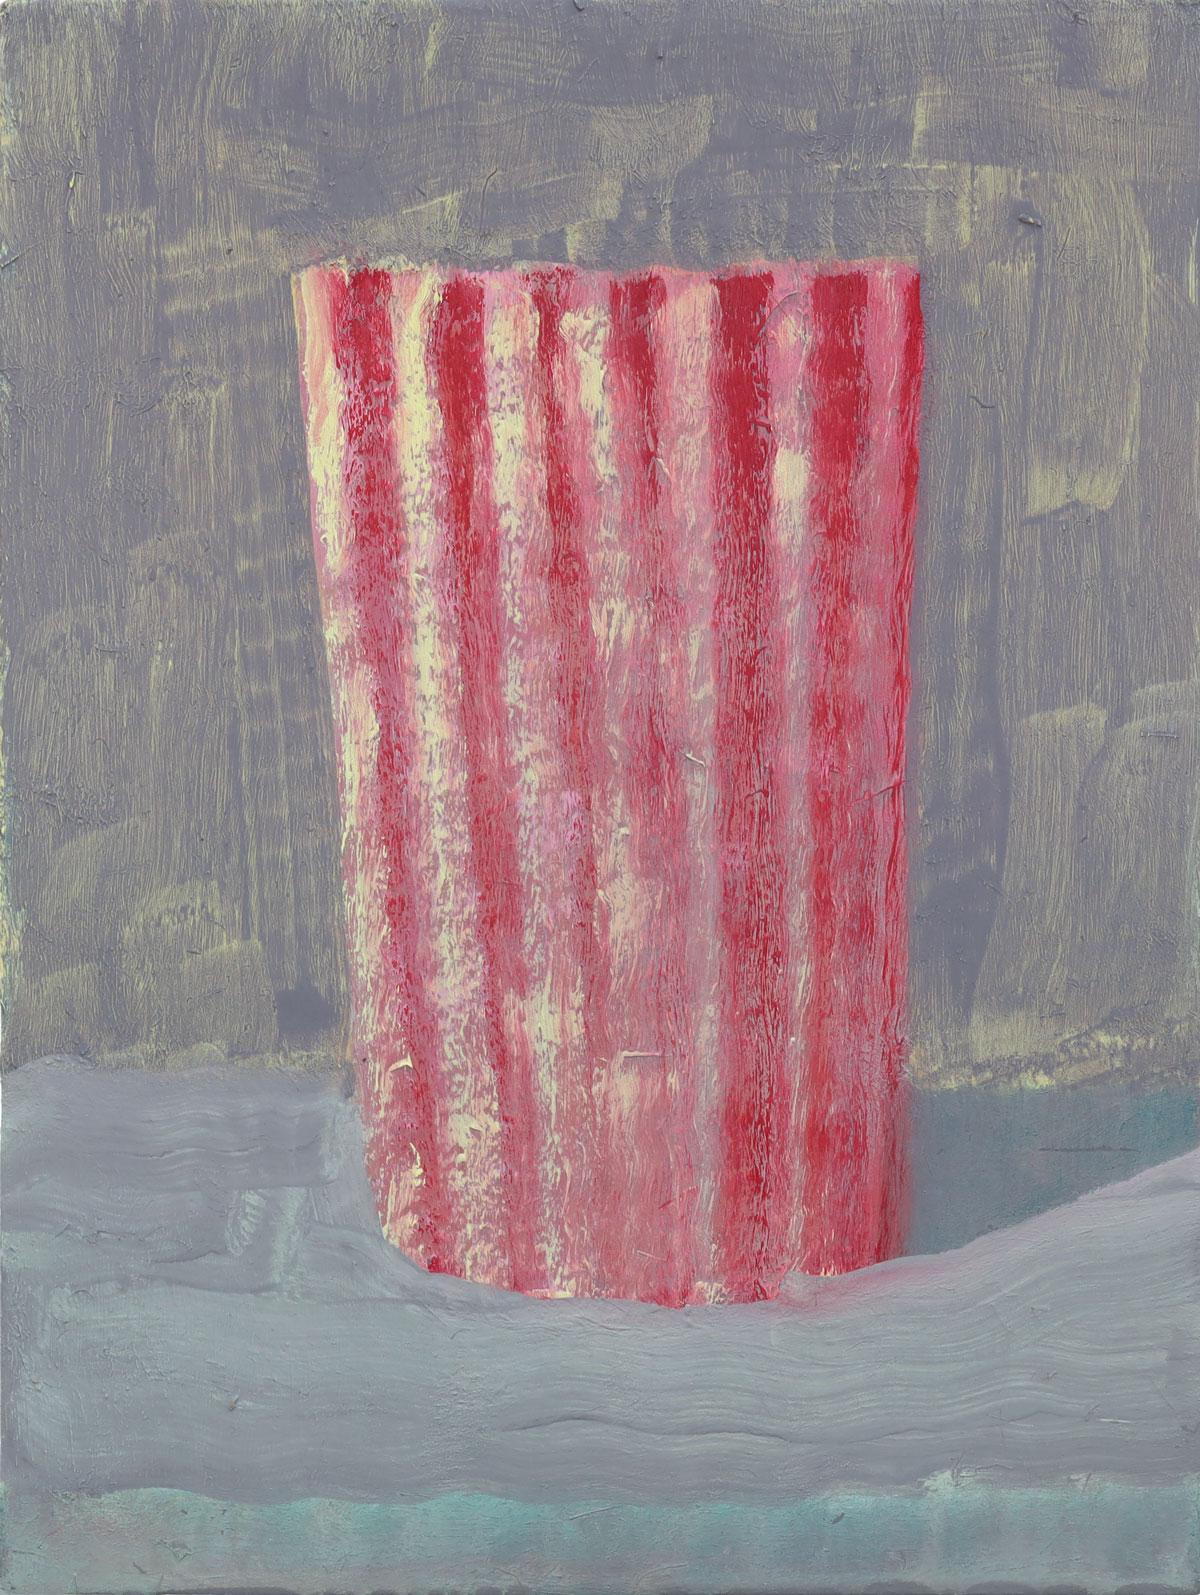 Becher Rot-Gelb-Grau | 2018 | Öl / Holz | 24 × 18 cm